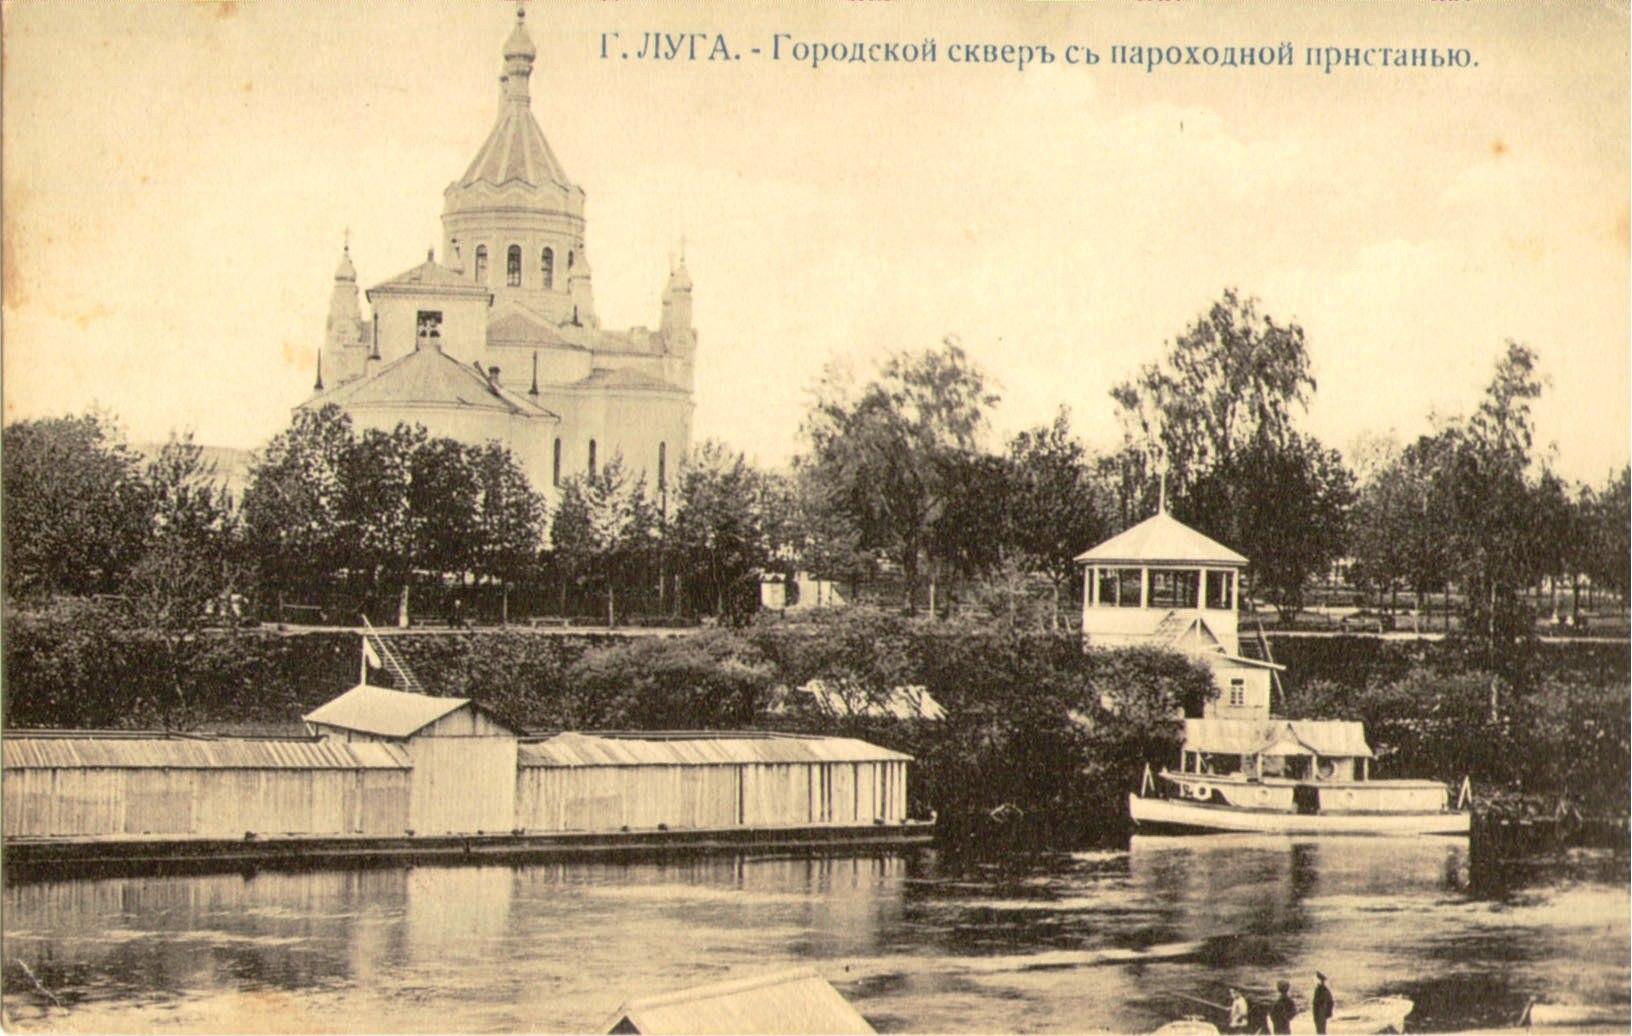 Городской сквер с пароходной пристанью